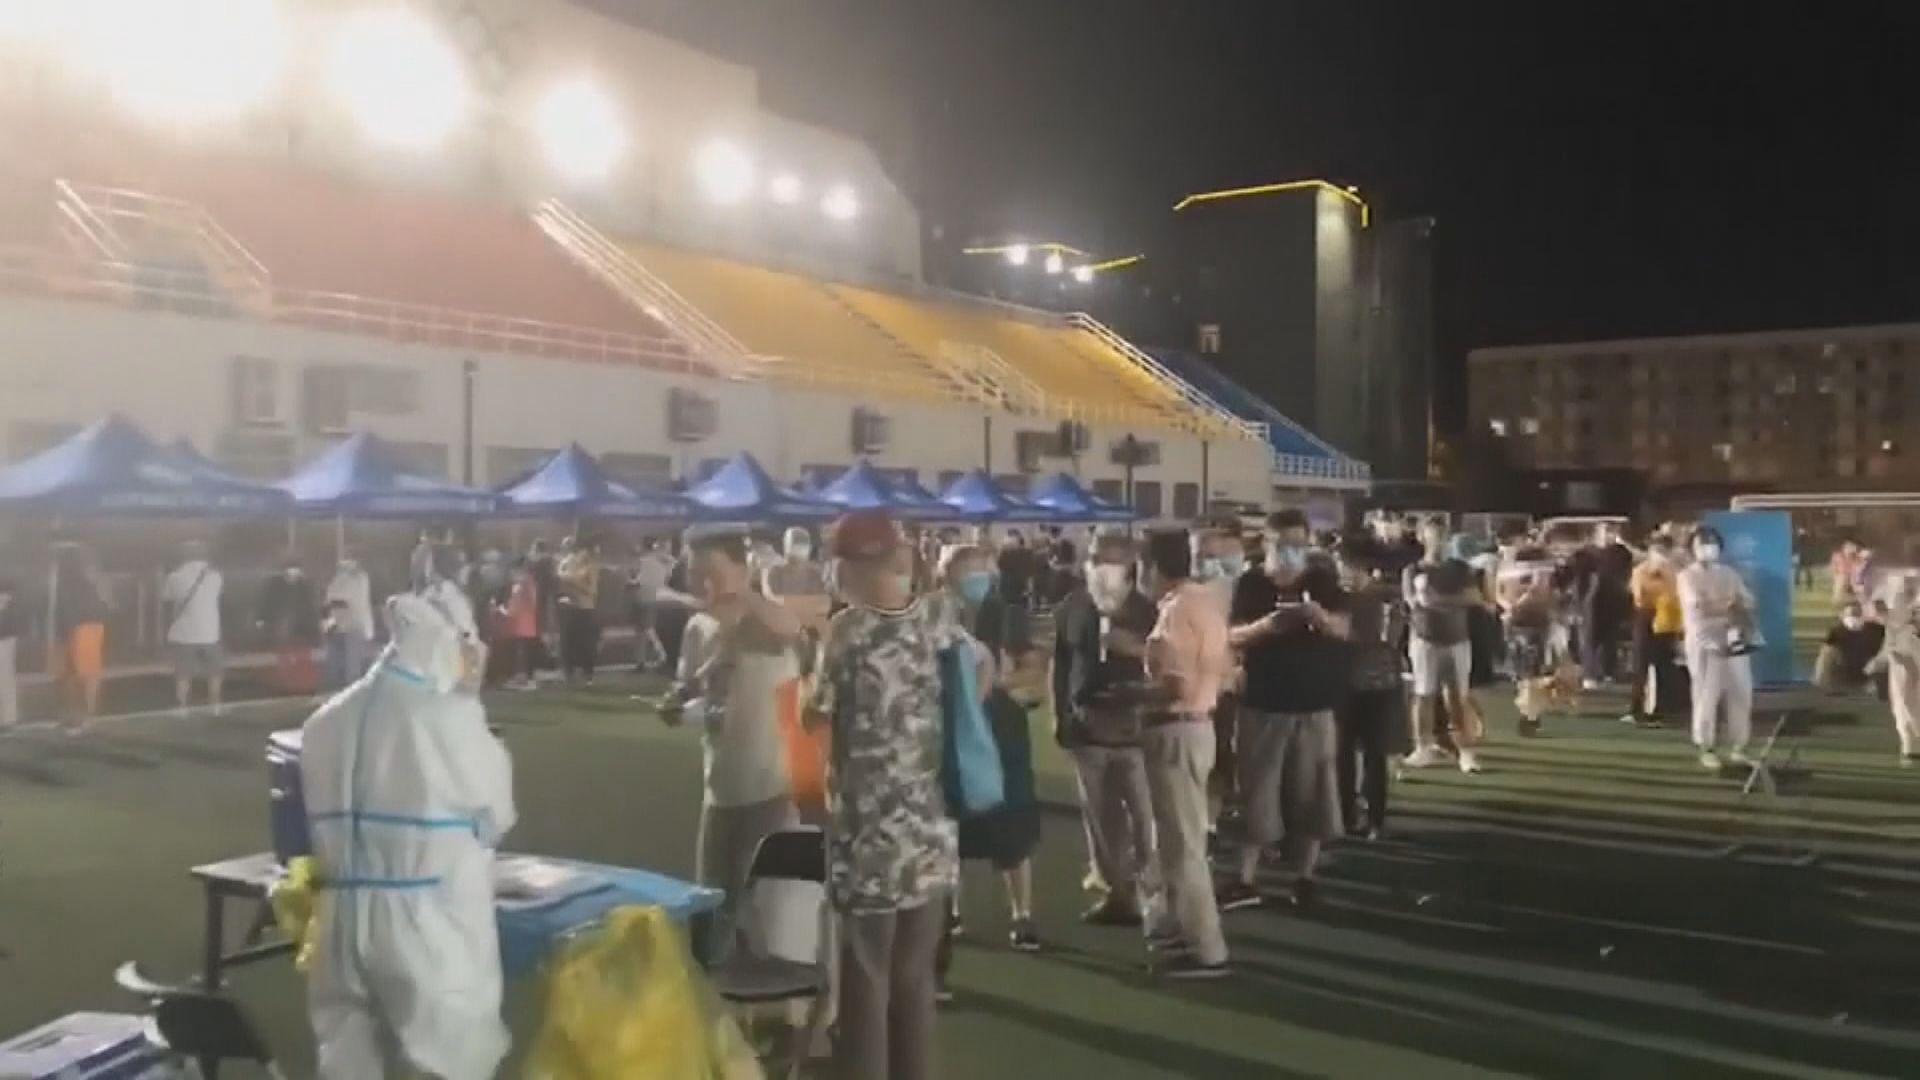 北京豐台區花鄉地區成全國唯一疫情高風險地區